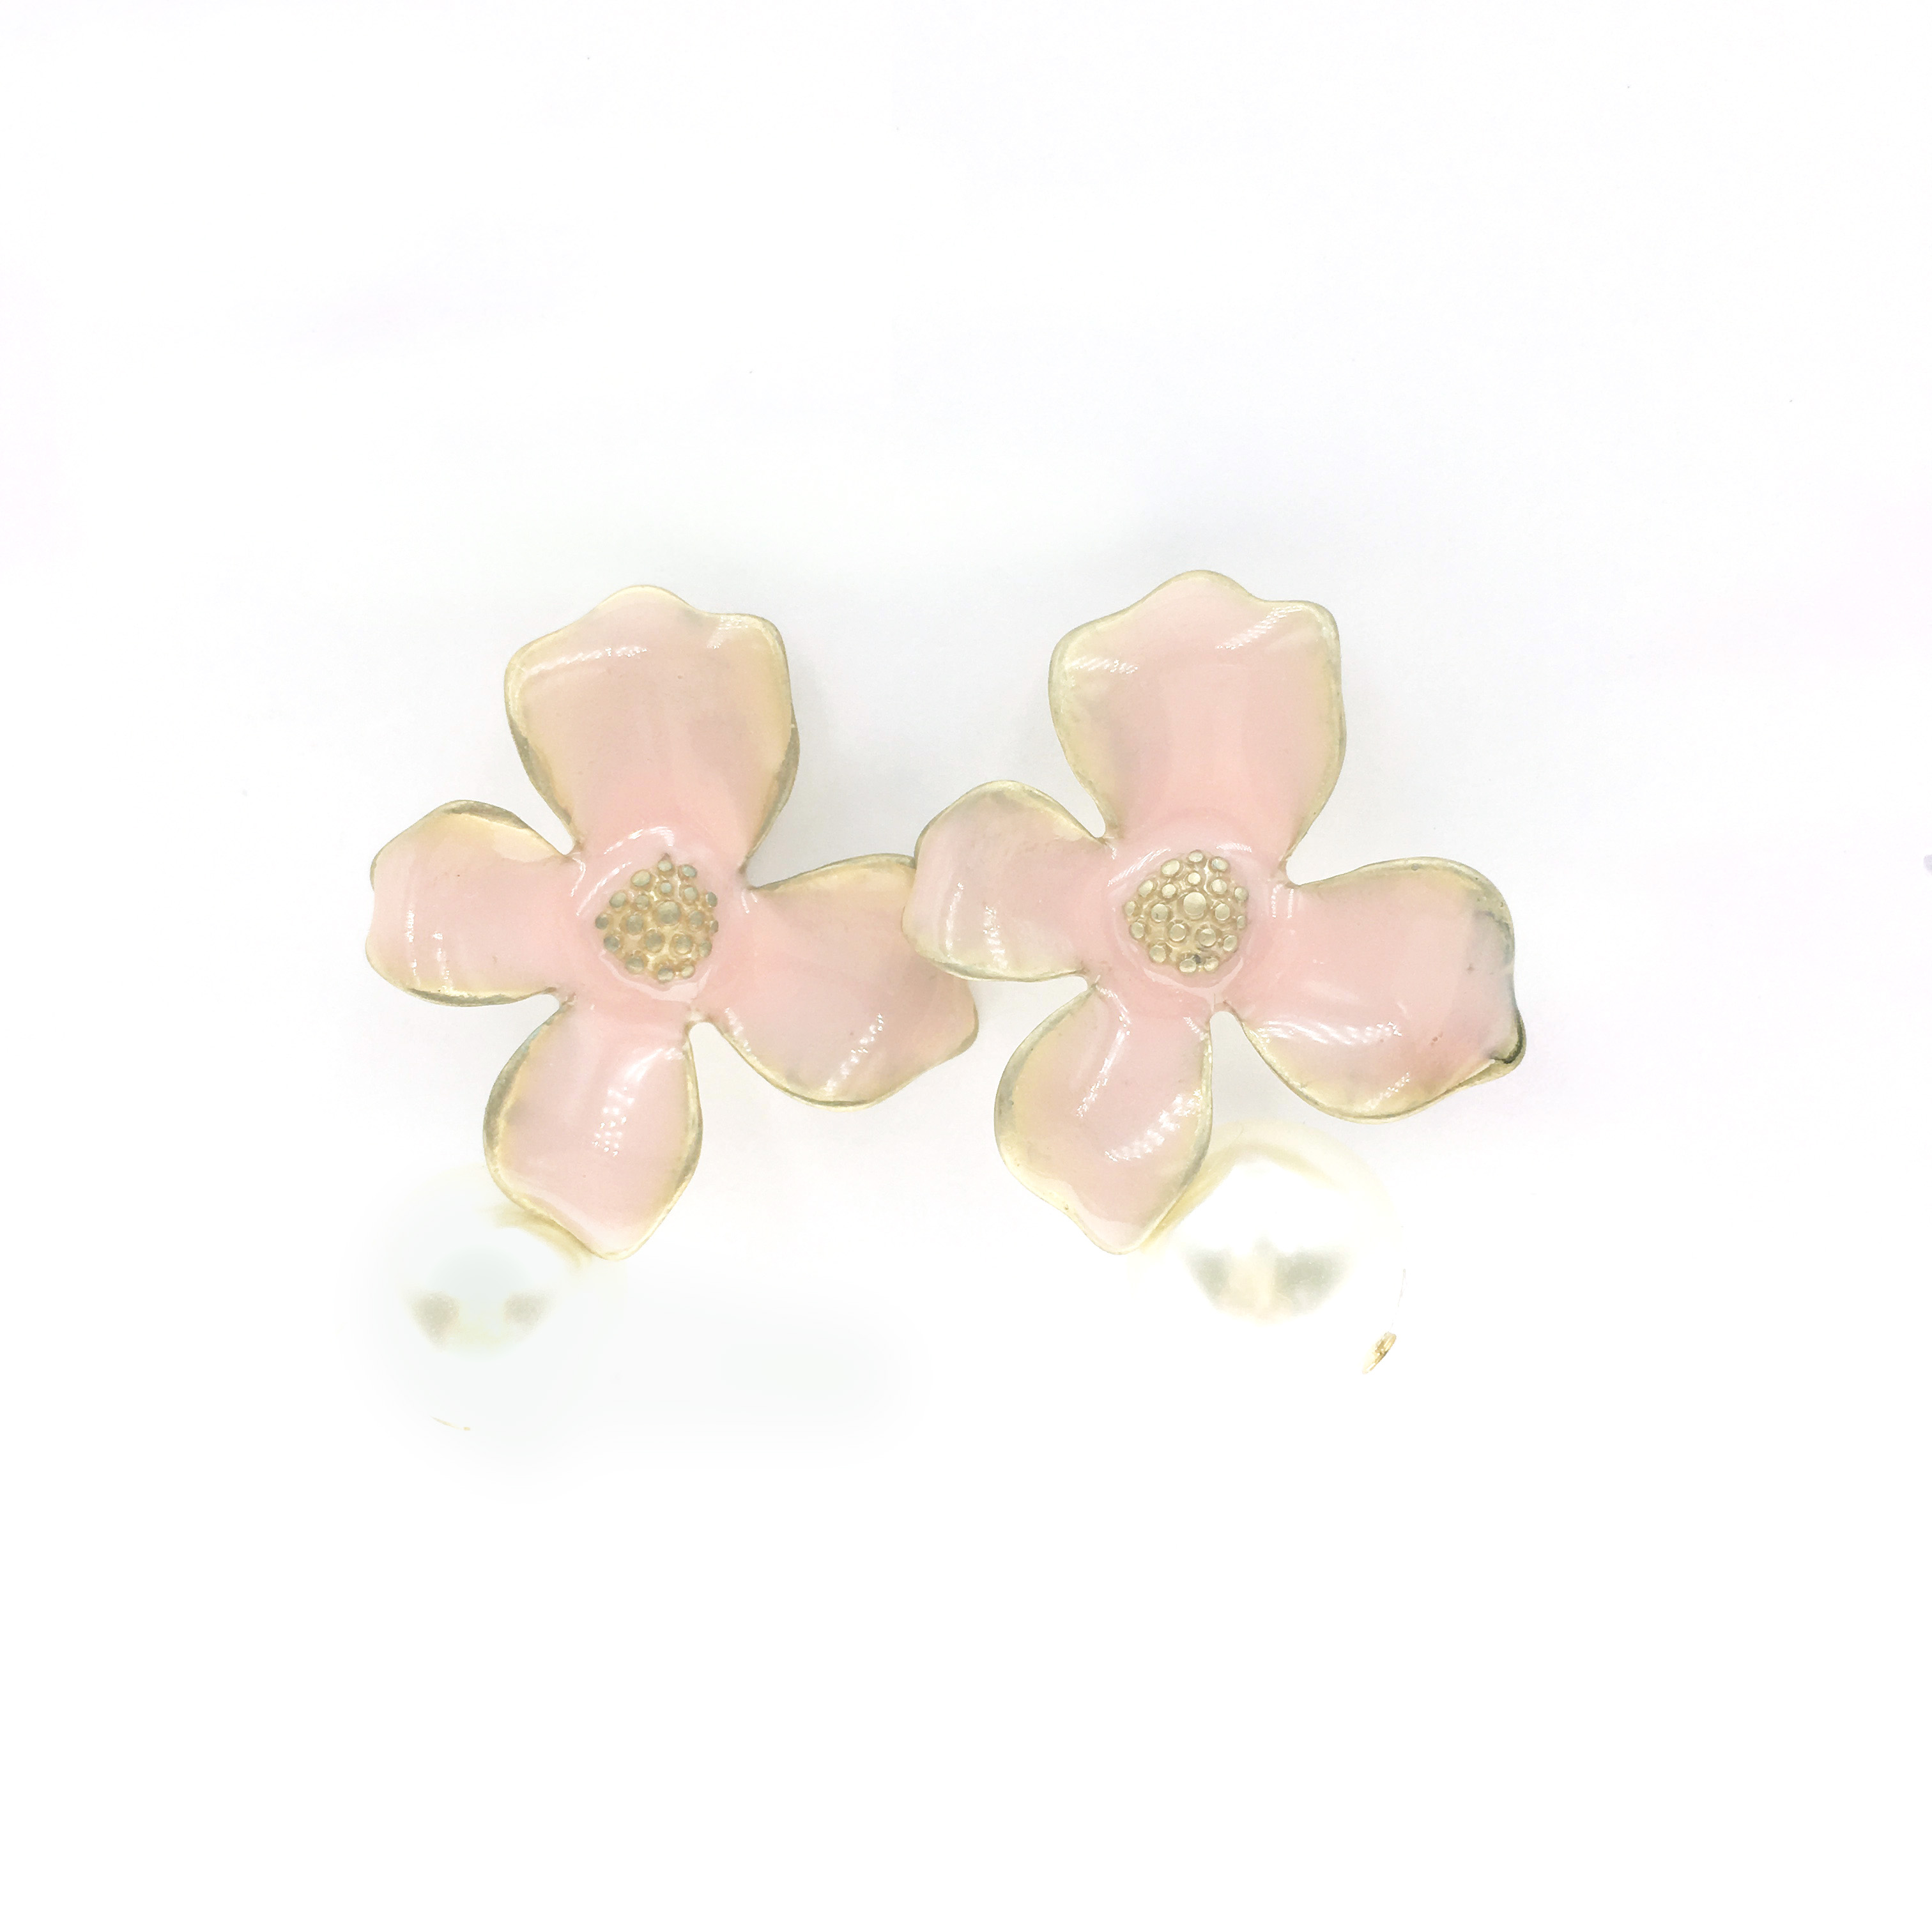 韓國 花朵 珍珠 浮誇 垂墜感 耳針式耳環